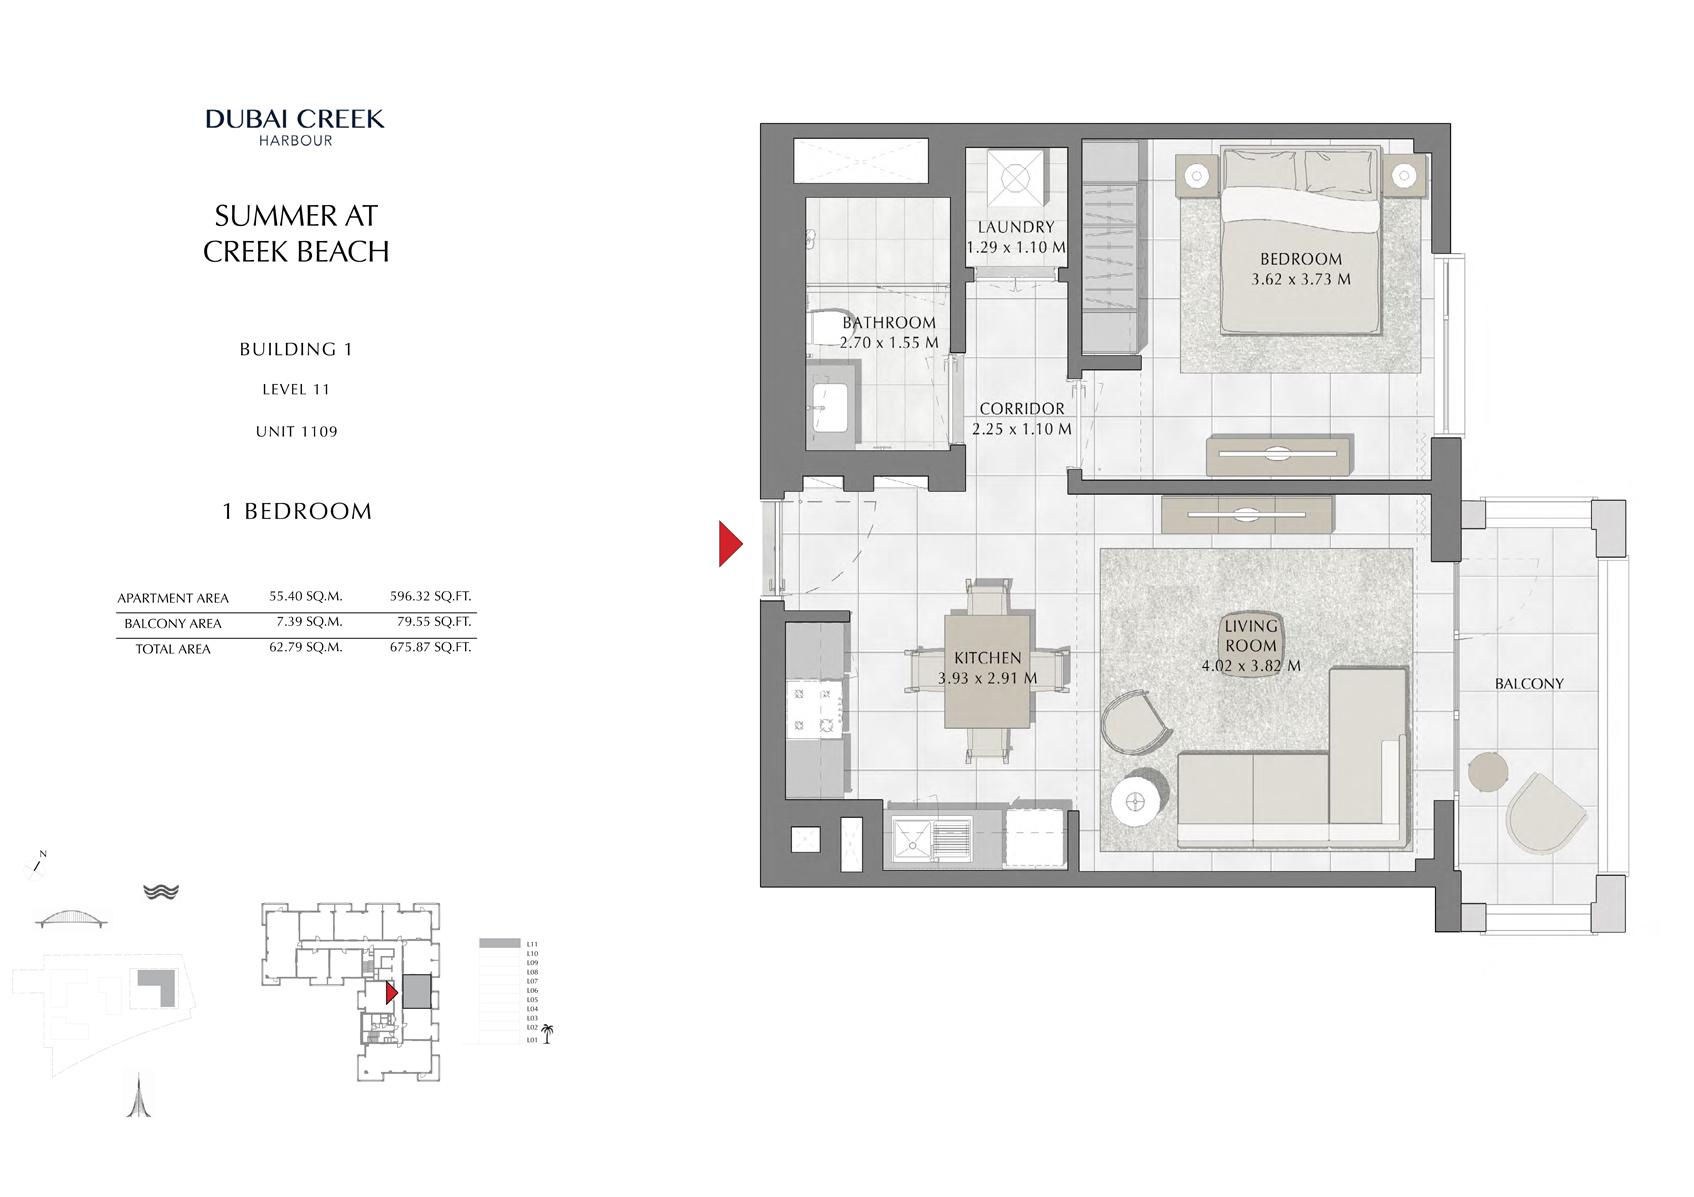 1 Br Building 1 Level 11 Unit 1109, Size 675 Sq Ft